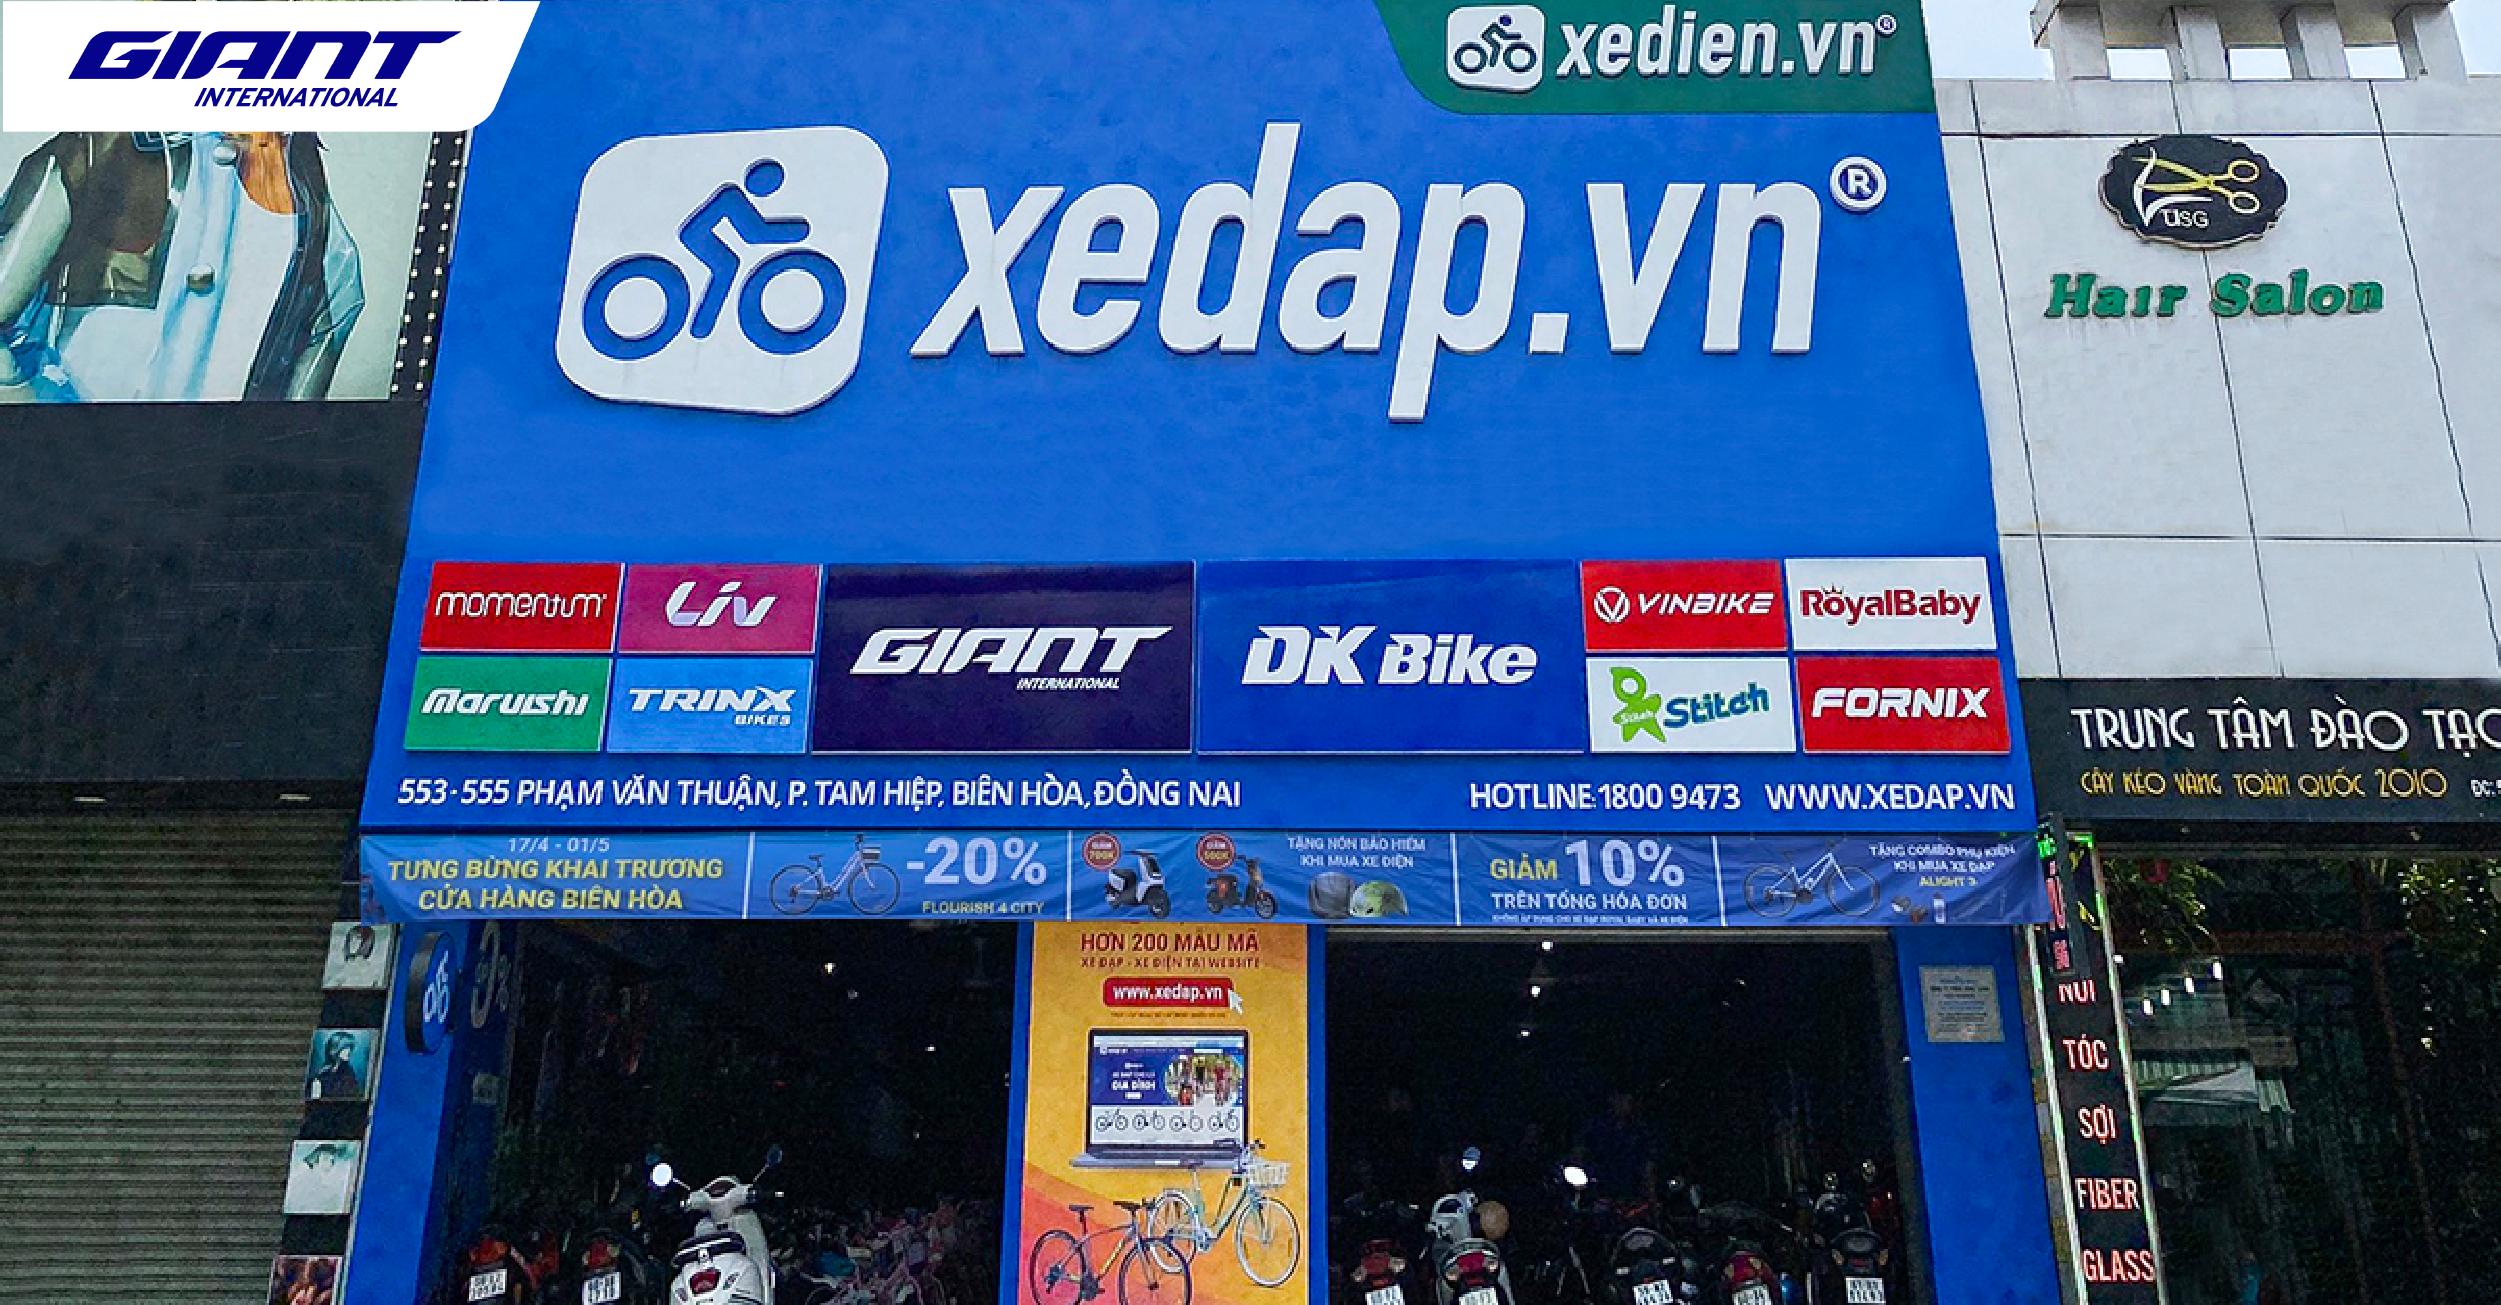 Đại lý uỷ quyền Xedap.vn đặt bước chân đầu tiên đến Biên Hoà, Đồng Nai